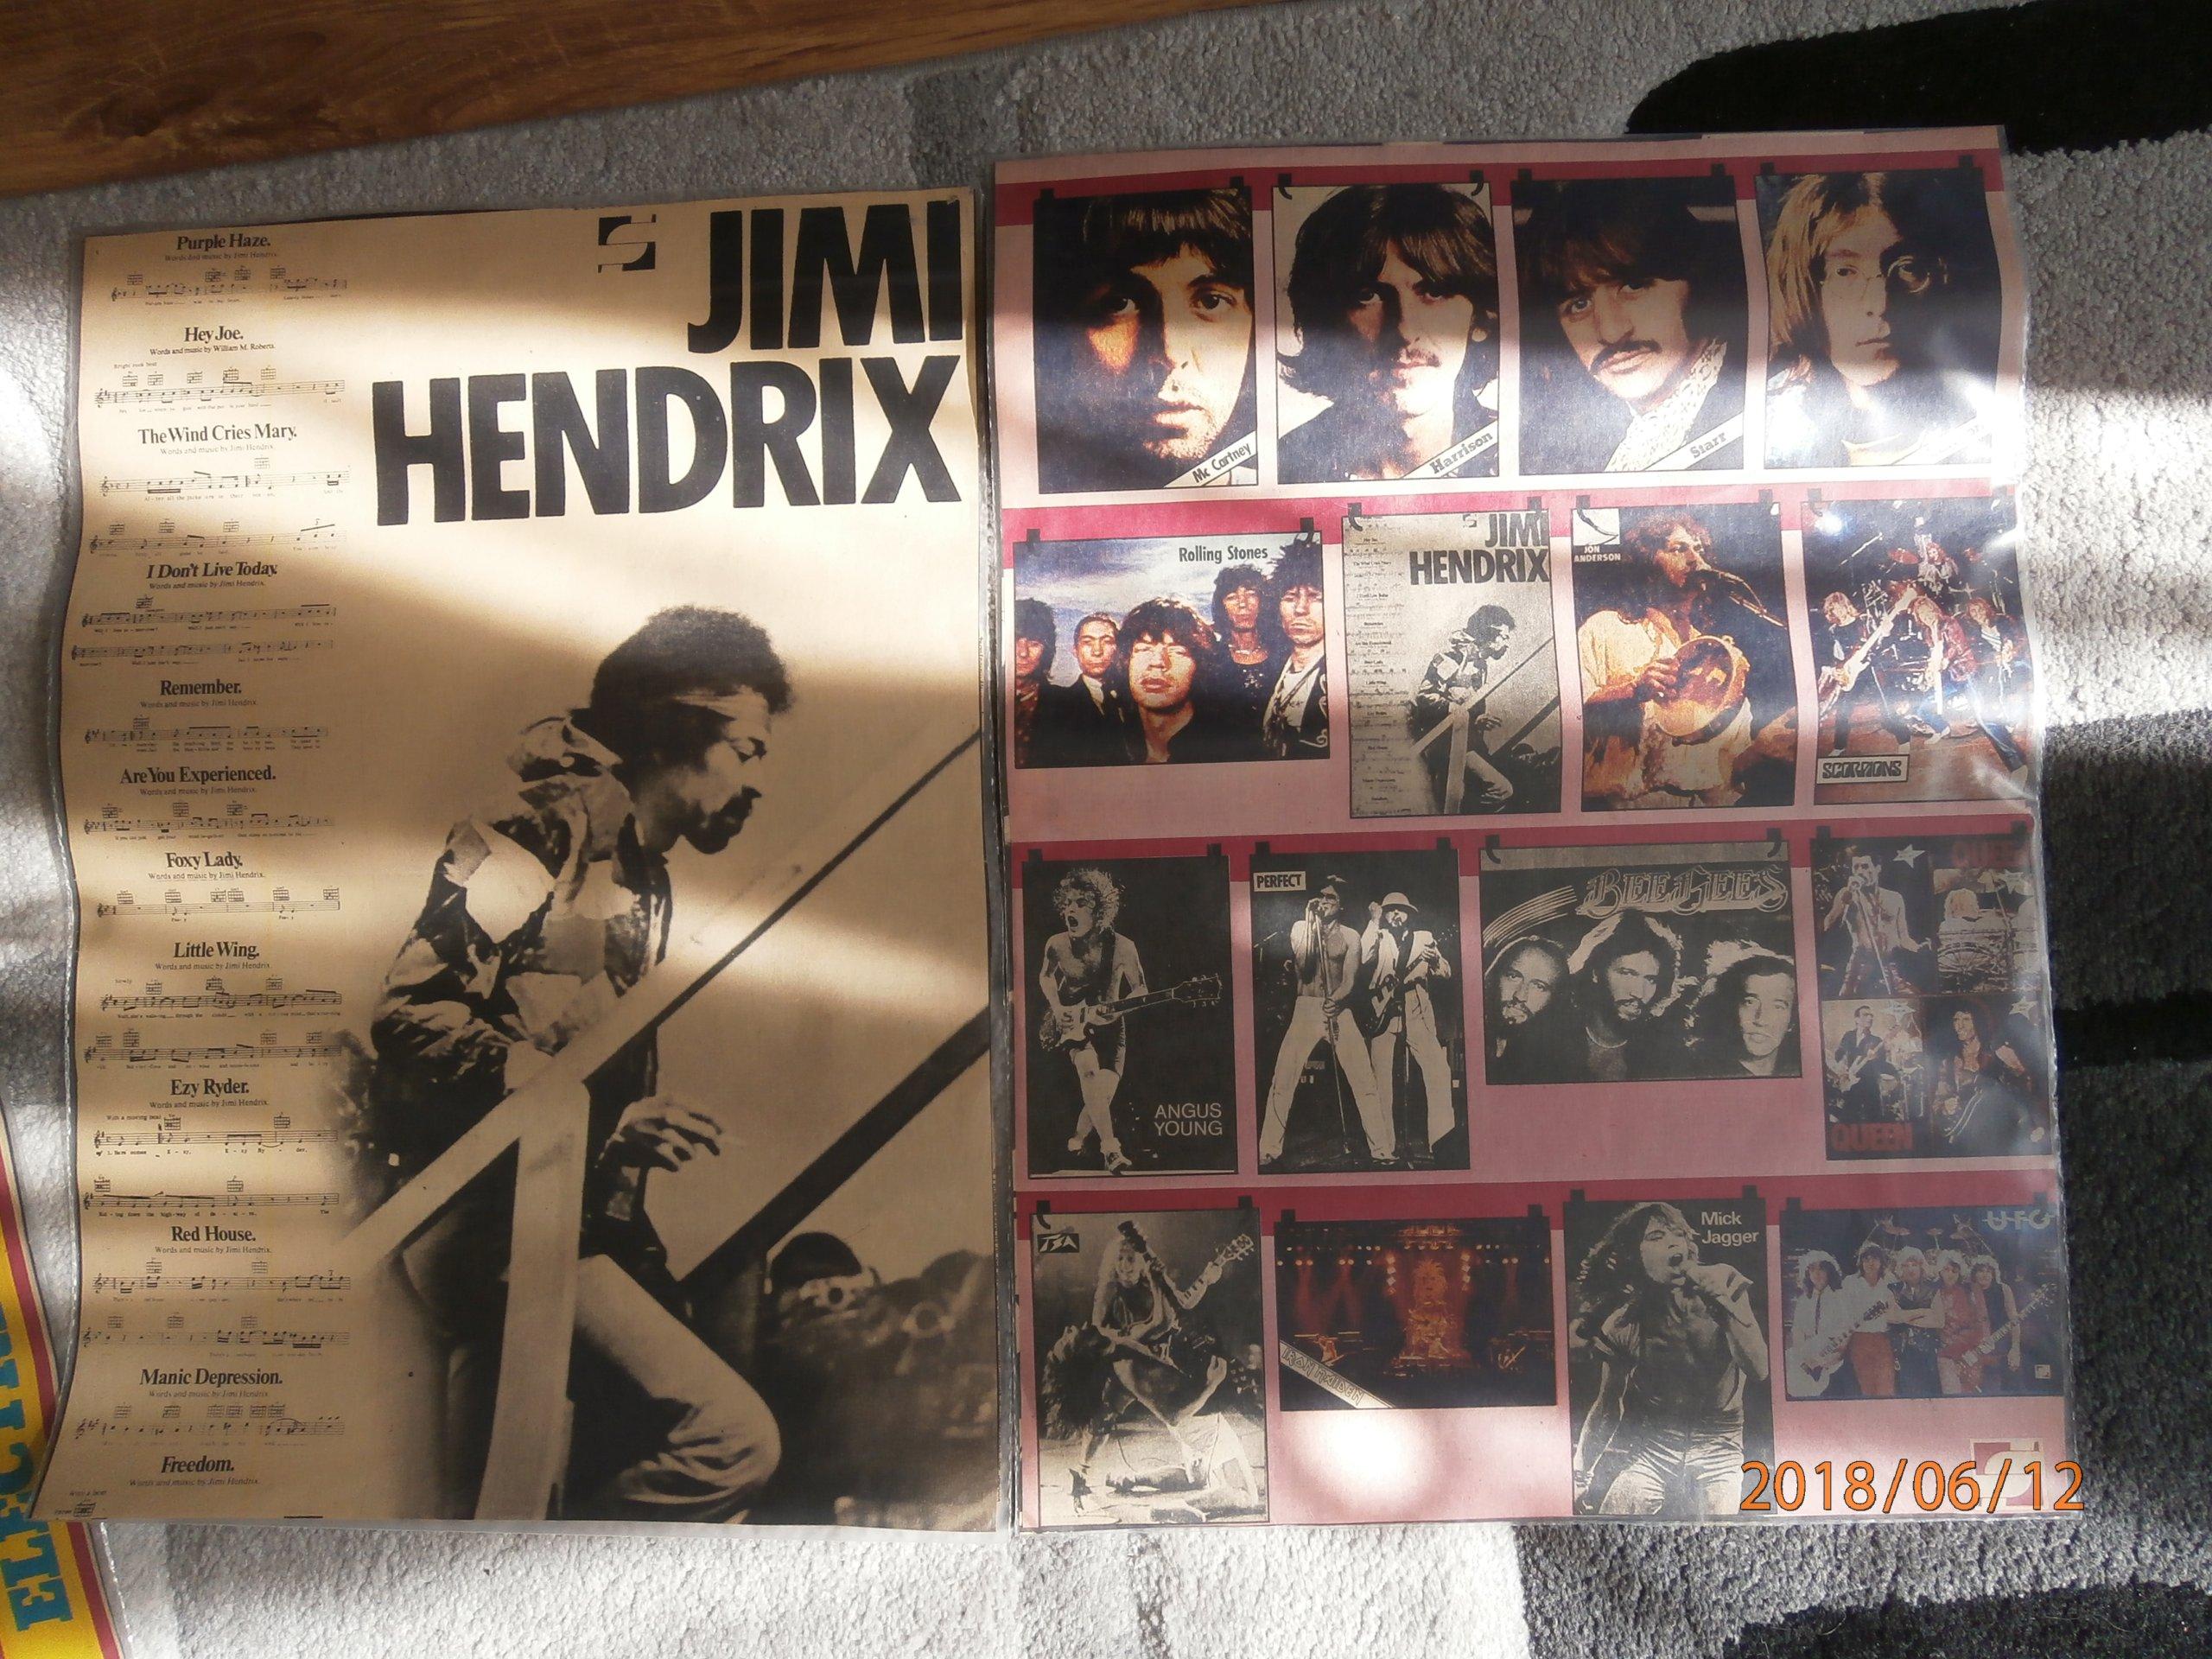 Plakaty Lata 80 Rock Pop Disco Unikaty Razem 7433761910